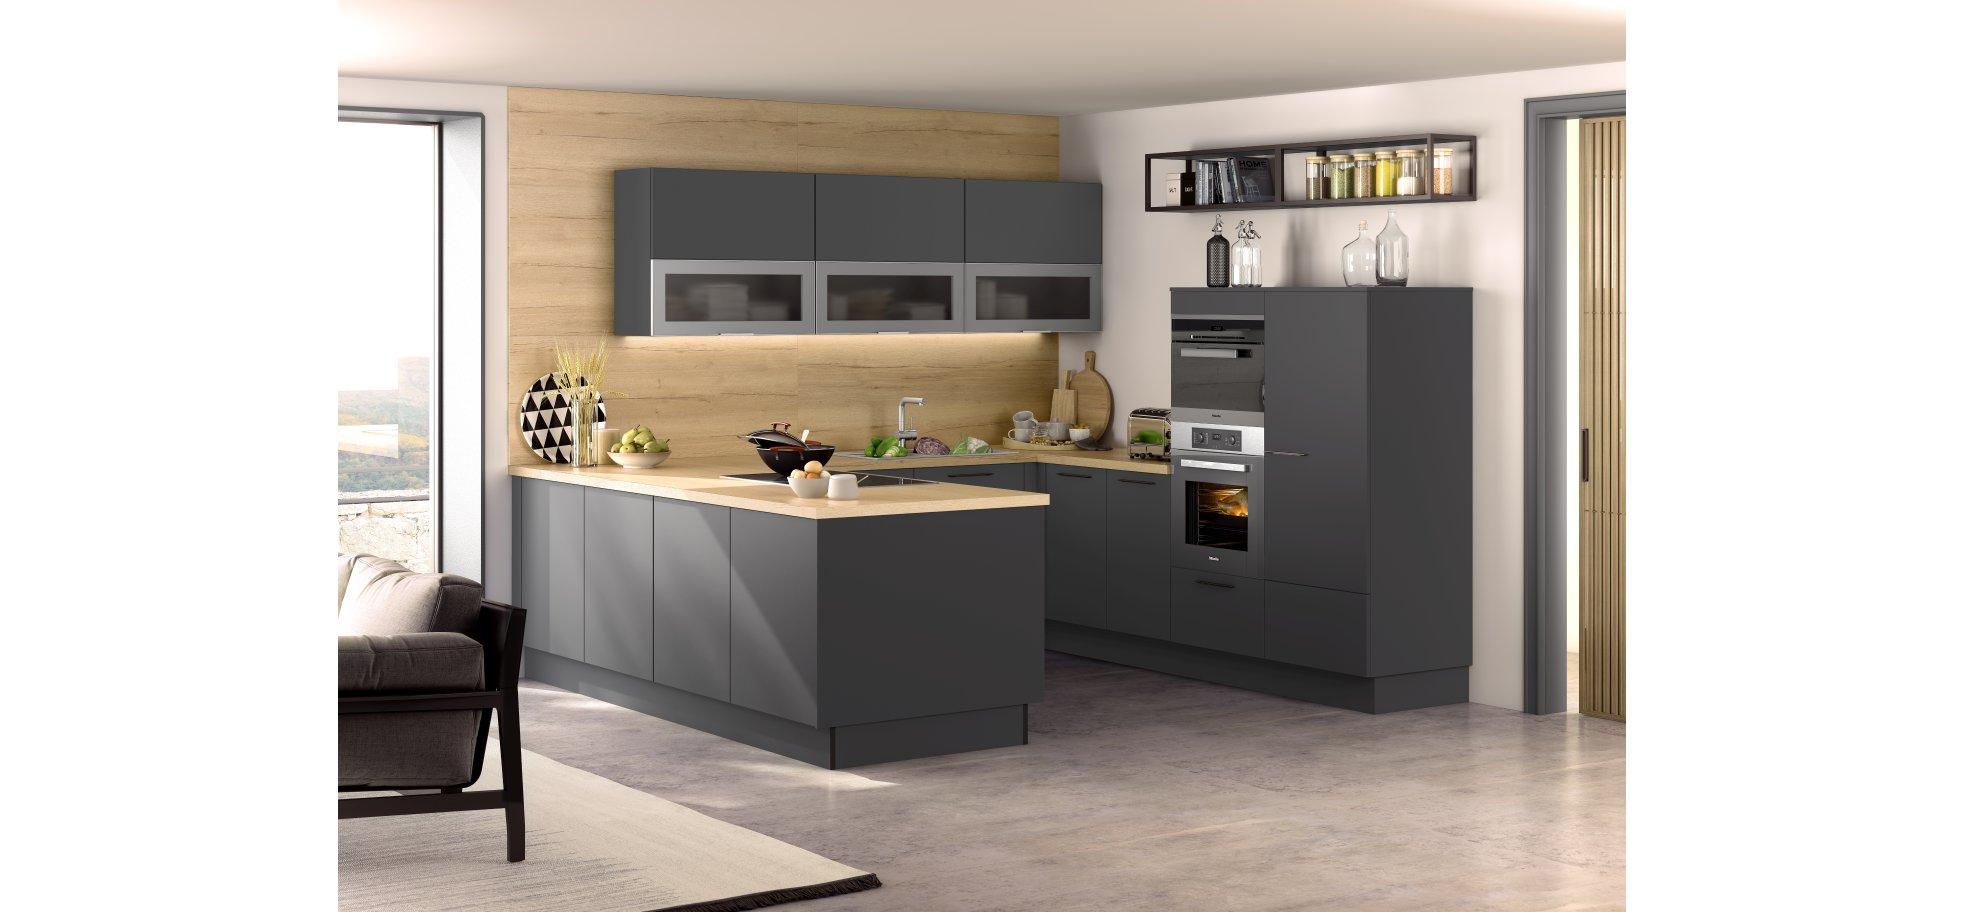 Full Size of Einbauküche Mit Elektrogeräten Und Geschirrspüler Neuwertige Einbauküche Mit Elektrogeräten Einbauküche Mit Elektrogeräten Obi Einbauküche Mit Elektrogeräten Günstig Kaufen Küche Einbauküche Mit Elektrogeräten